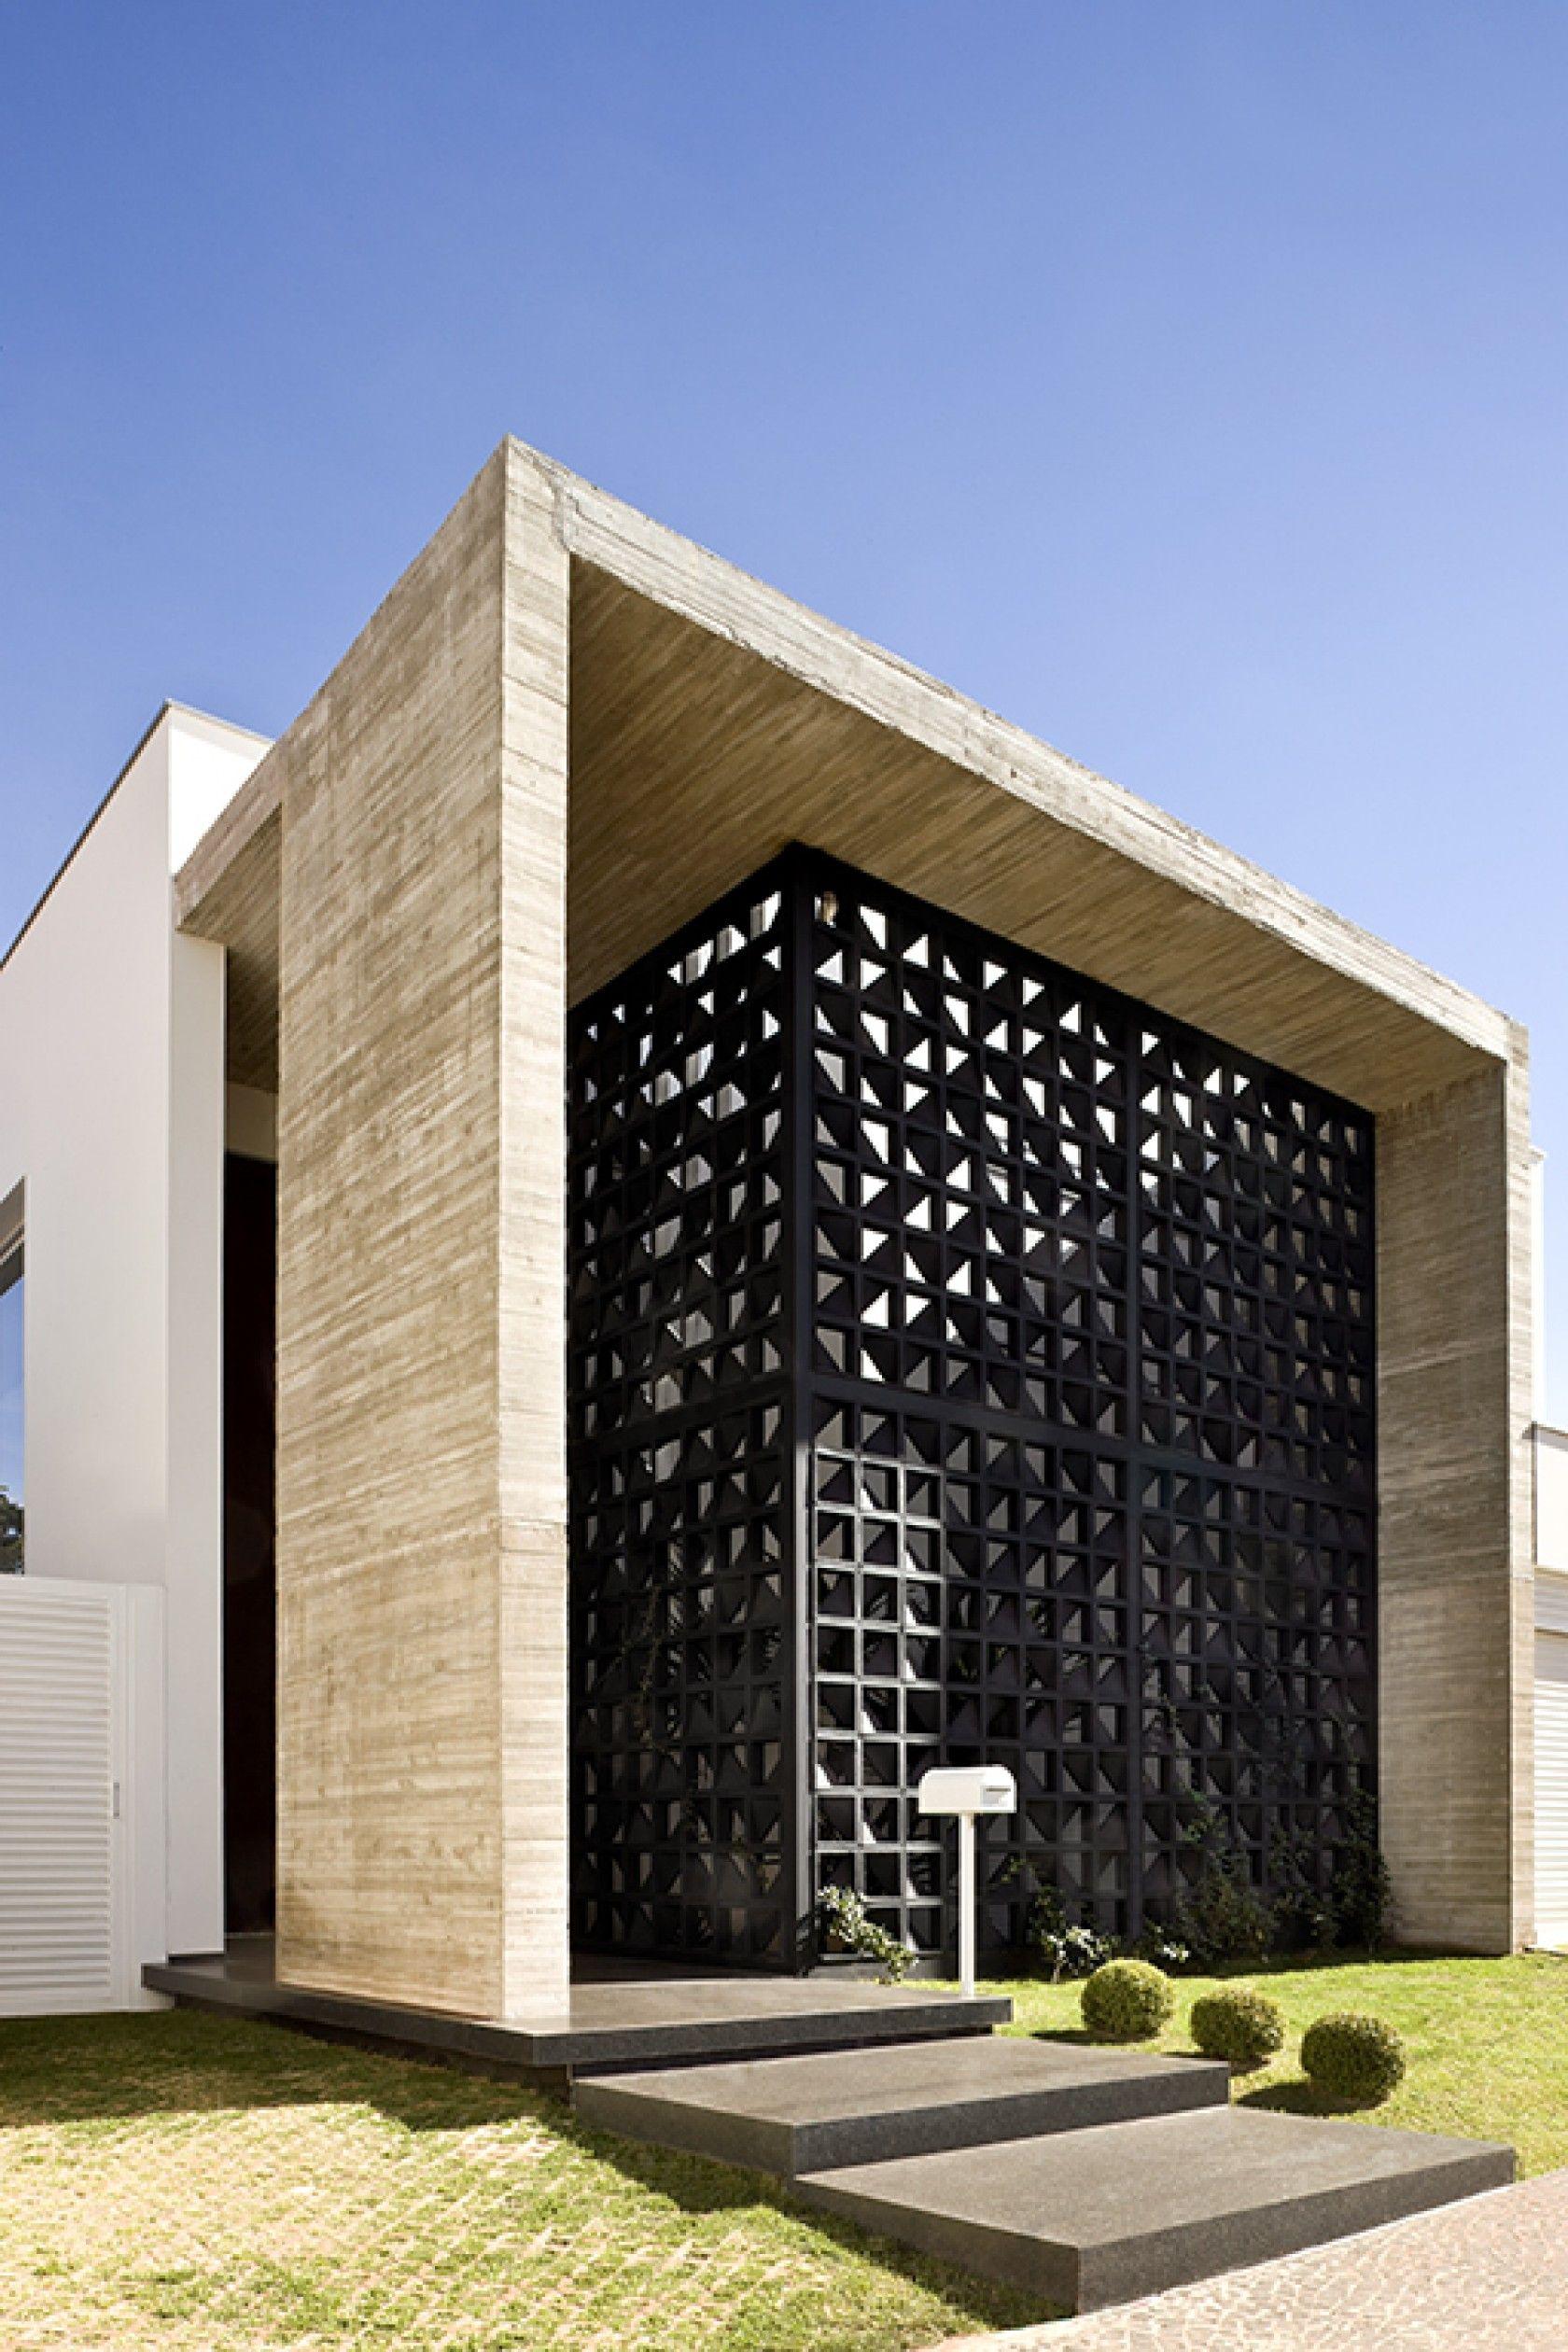 Fachada de casa com cobog preto e moderno for Casa moderno kl